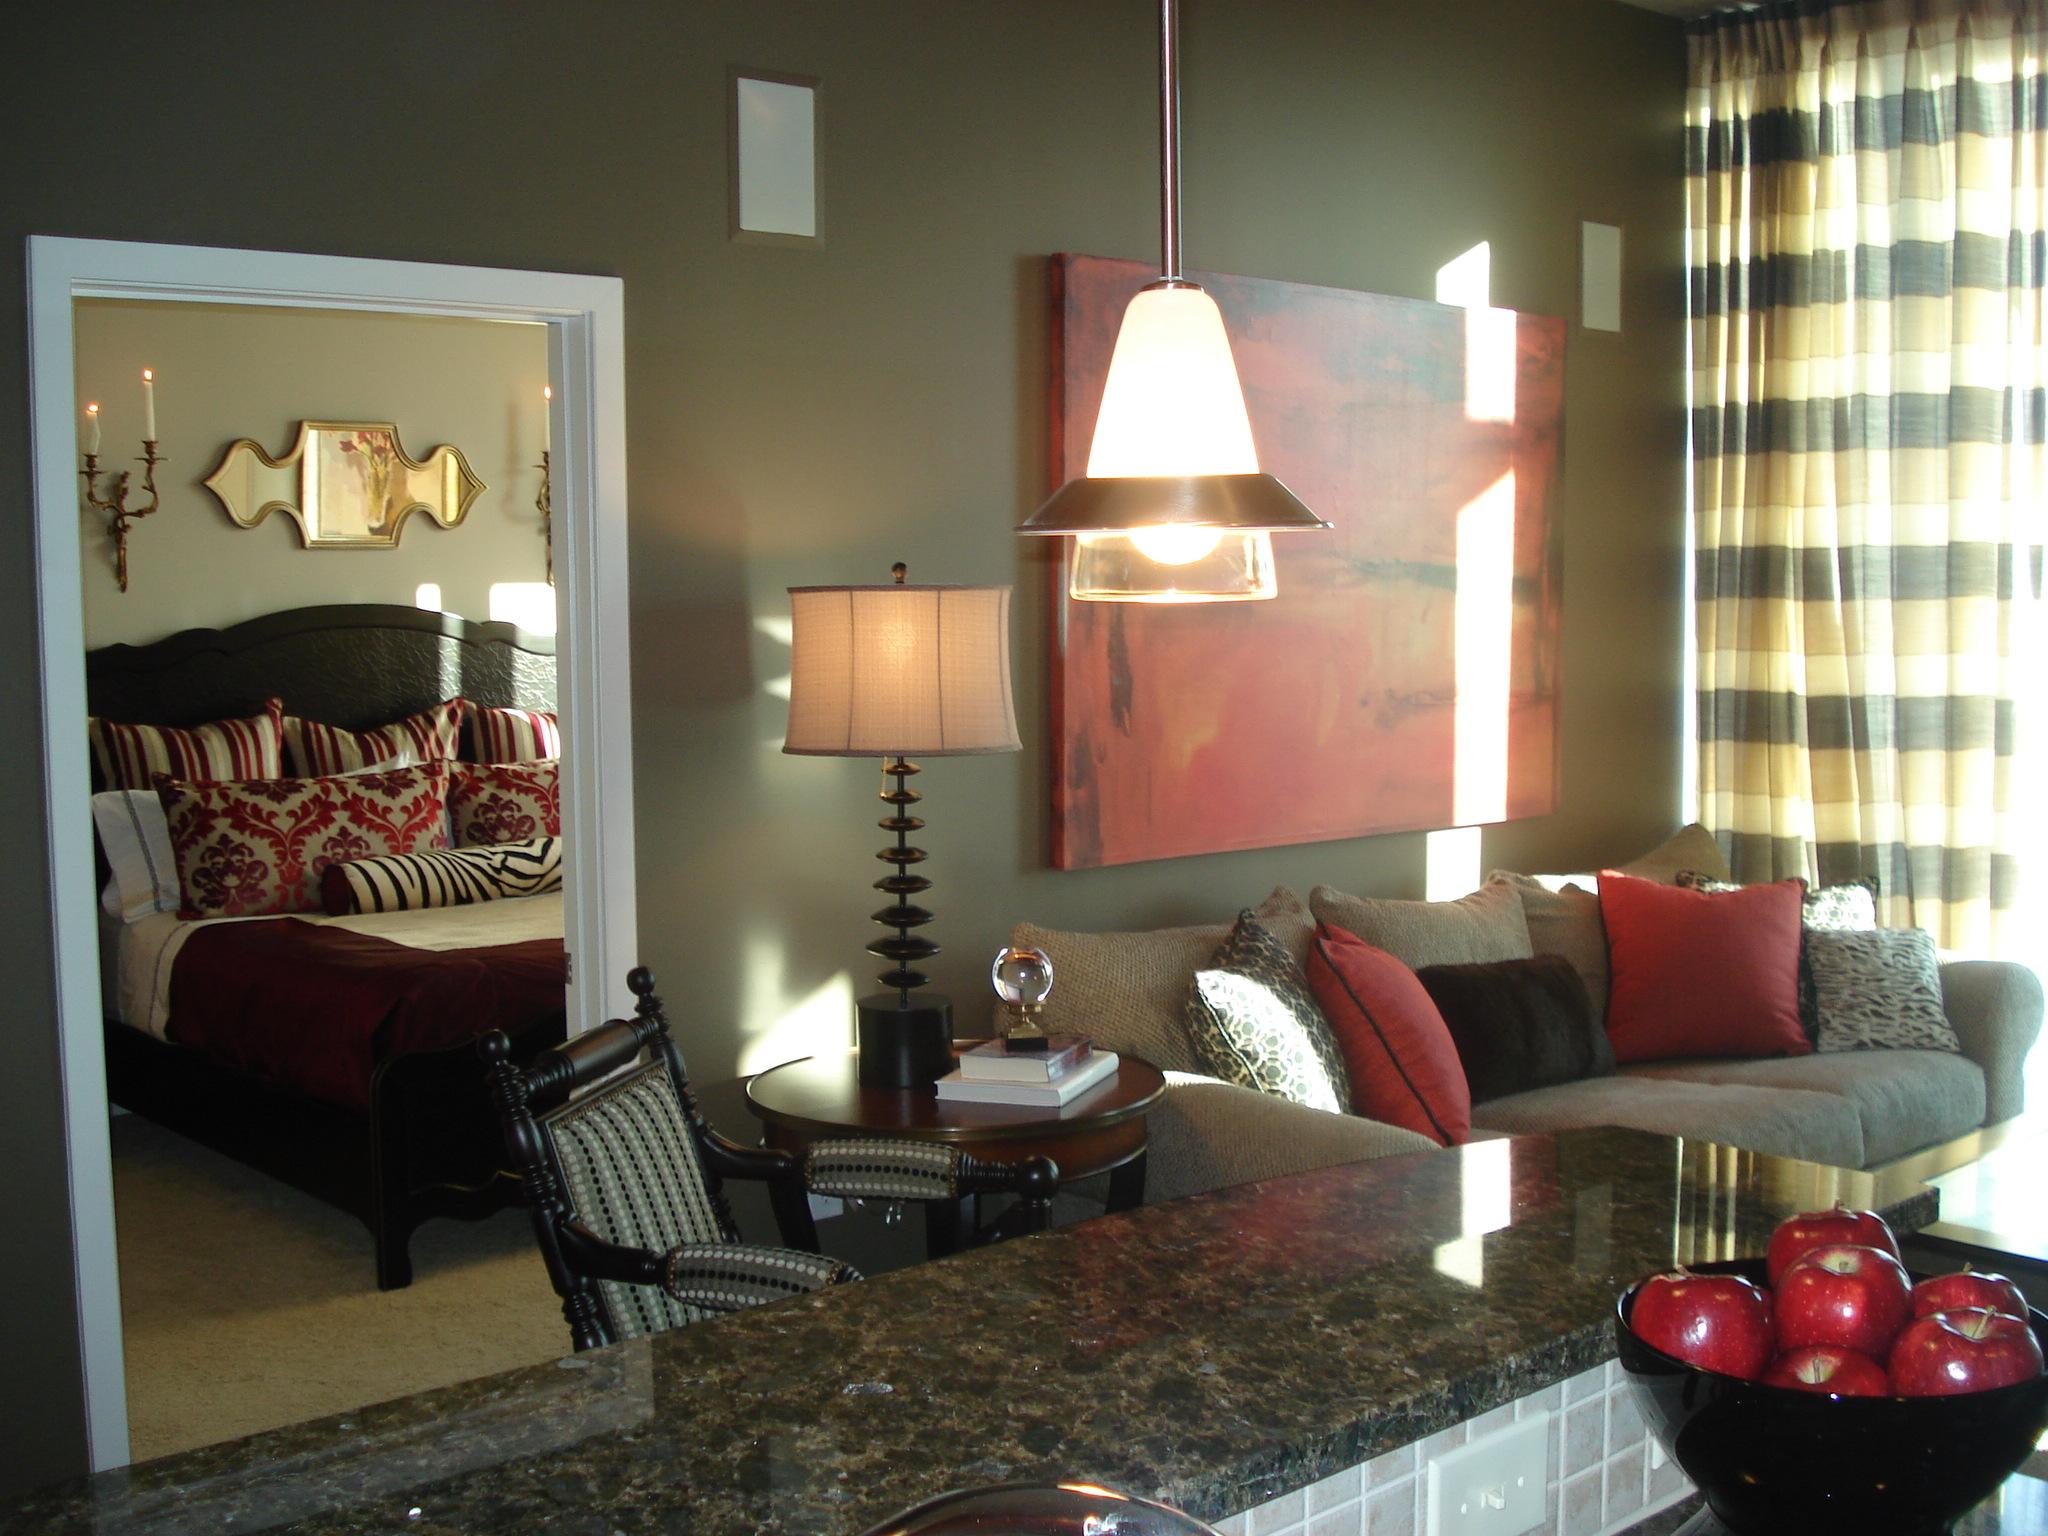 Condominium in atlanta ga interior design by cara - Registered interior designer georgia ...